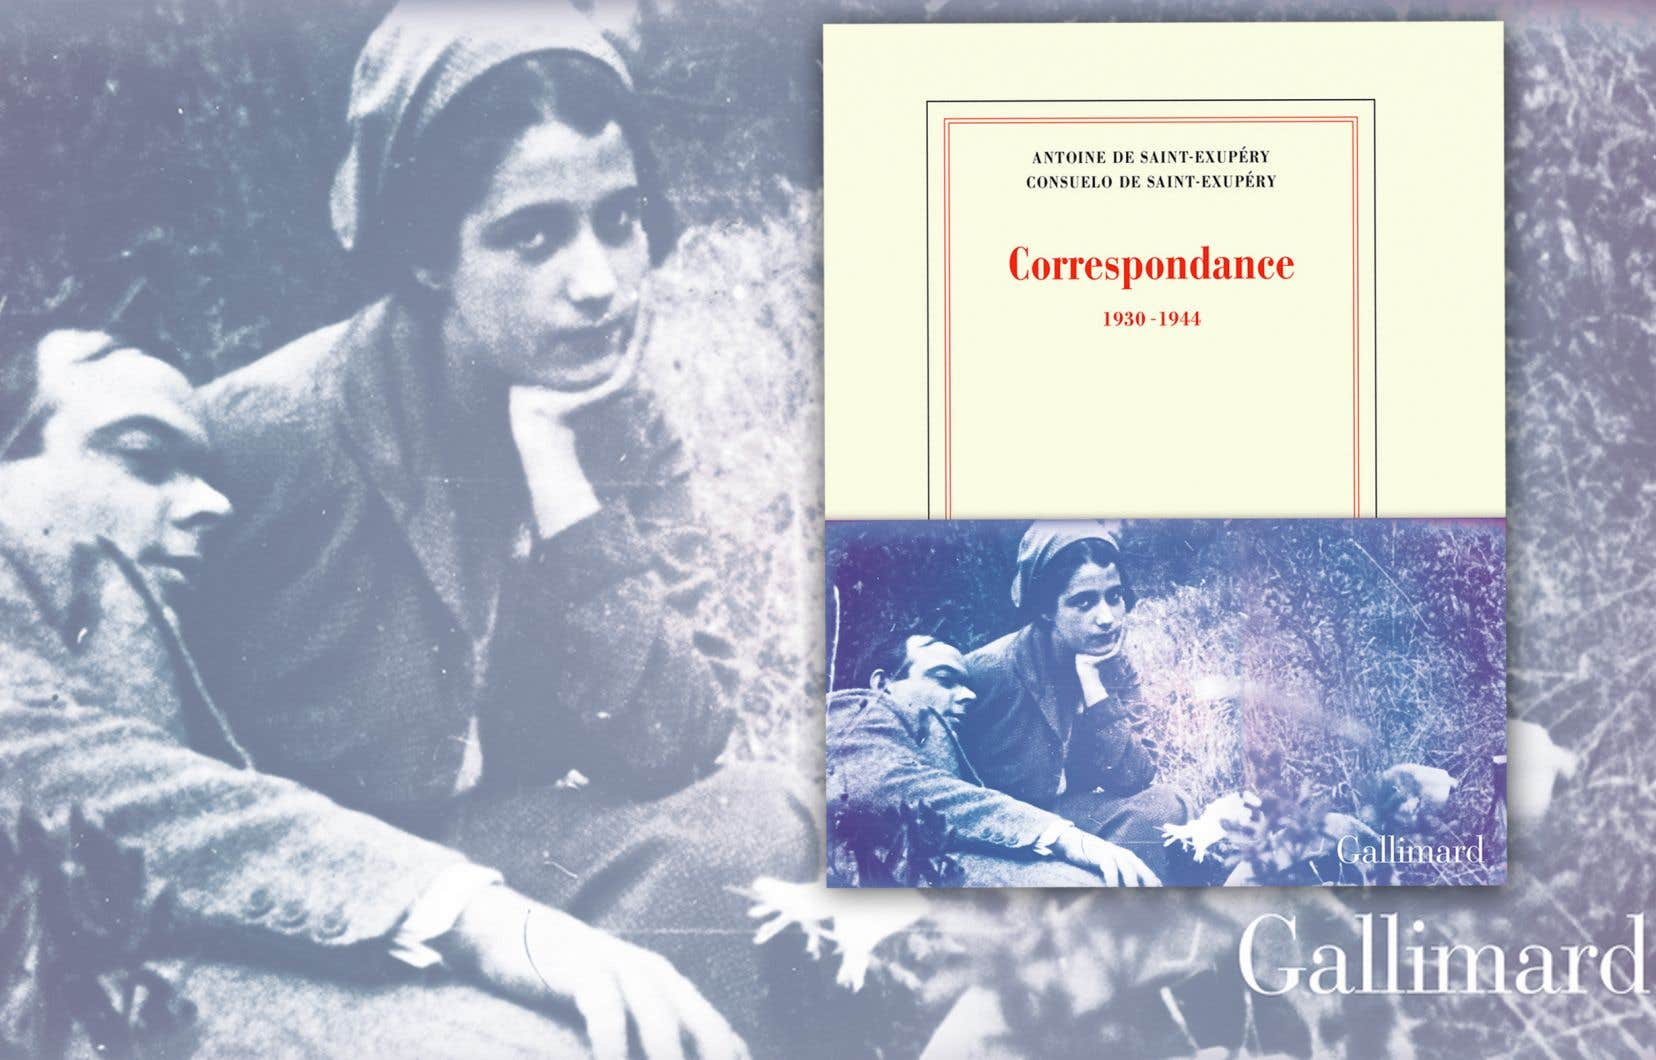 Ces plus de 160 lettres et télégrammes que s'envoient les époux entre 1930 et 1944 sont publiés jeudi par Gallimard, dans une édition riche en illustrations.